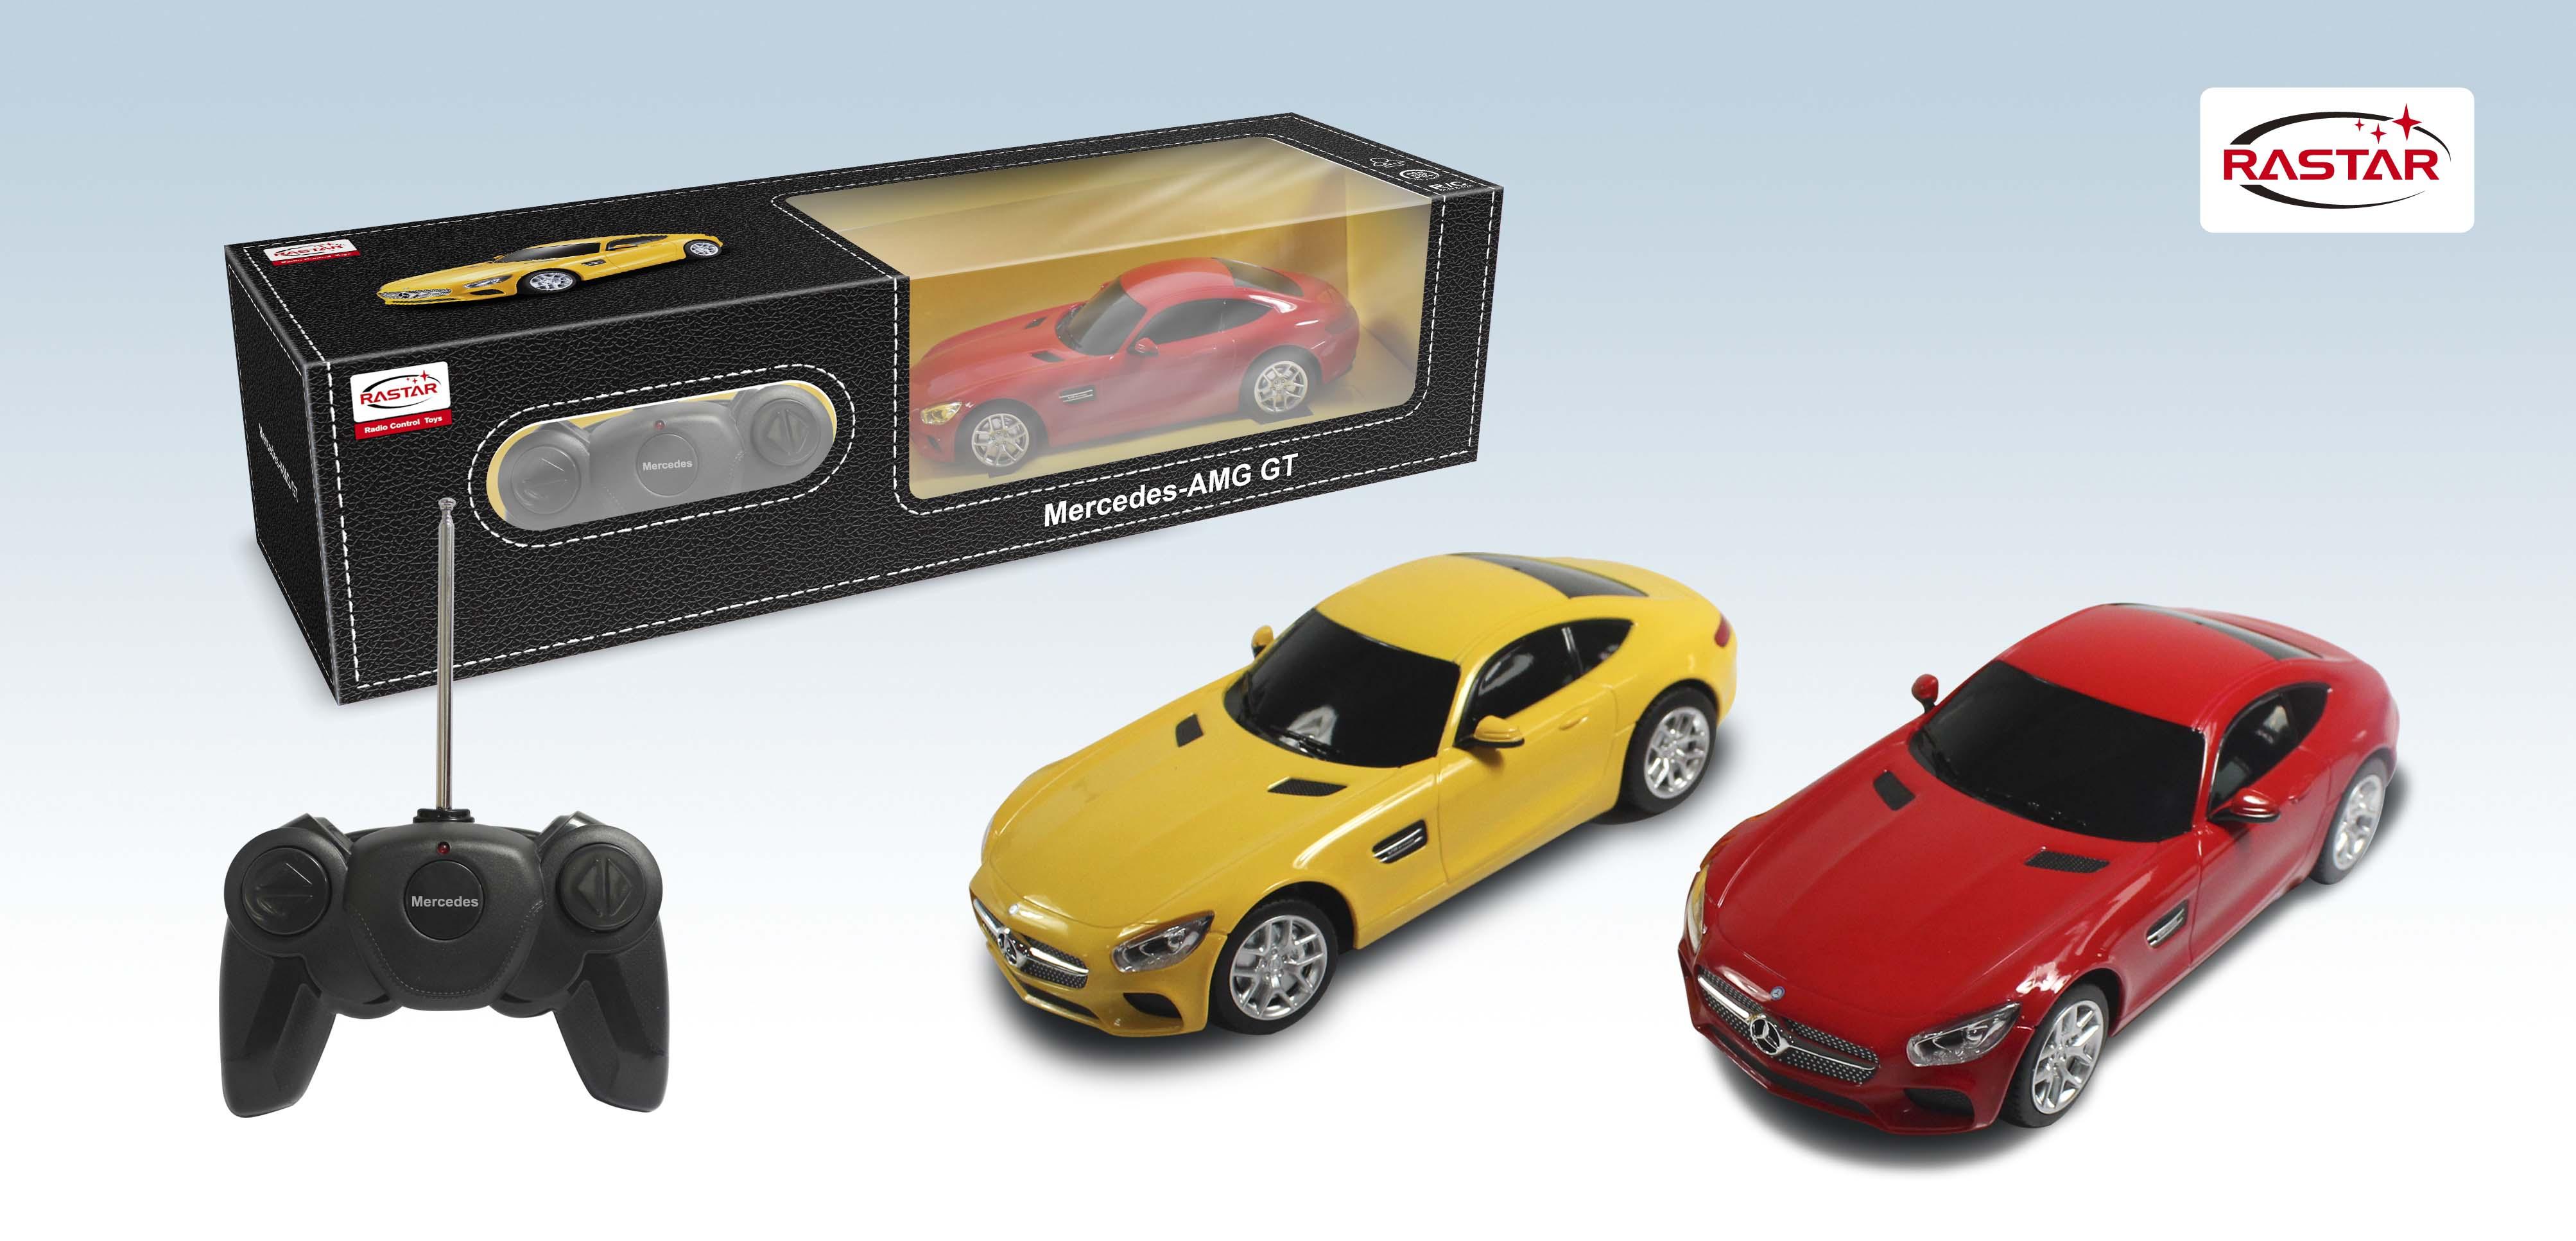 Rastar Радиоуправляемая модель Mercedes AMG GT3 масштаб 1:24